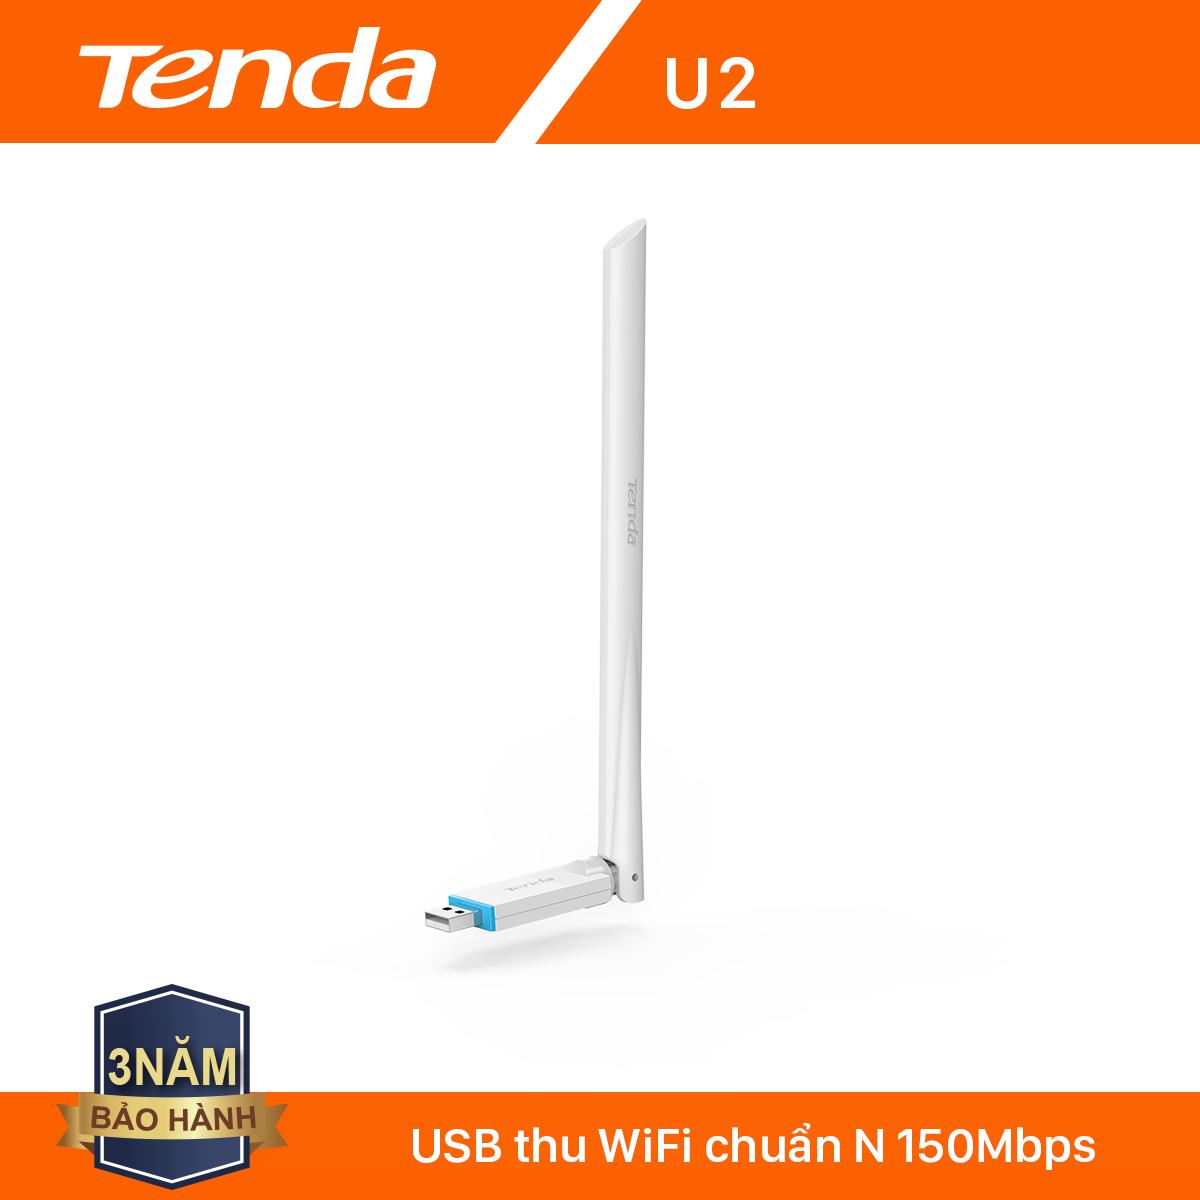 Tenda USB kết nối Wifi U2 tốc độ 150Mbps – Hãng phân phối chính thức